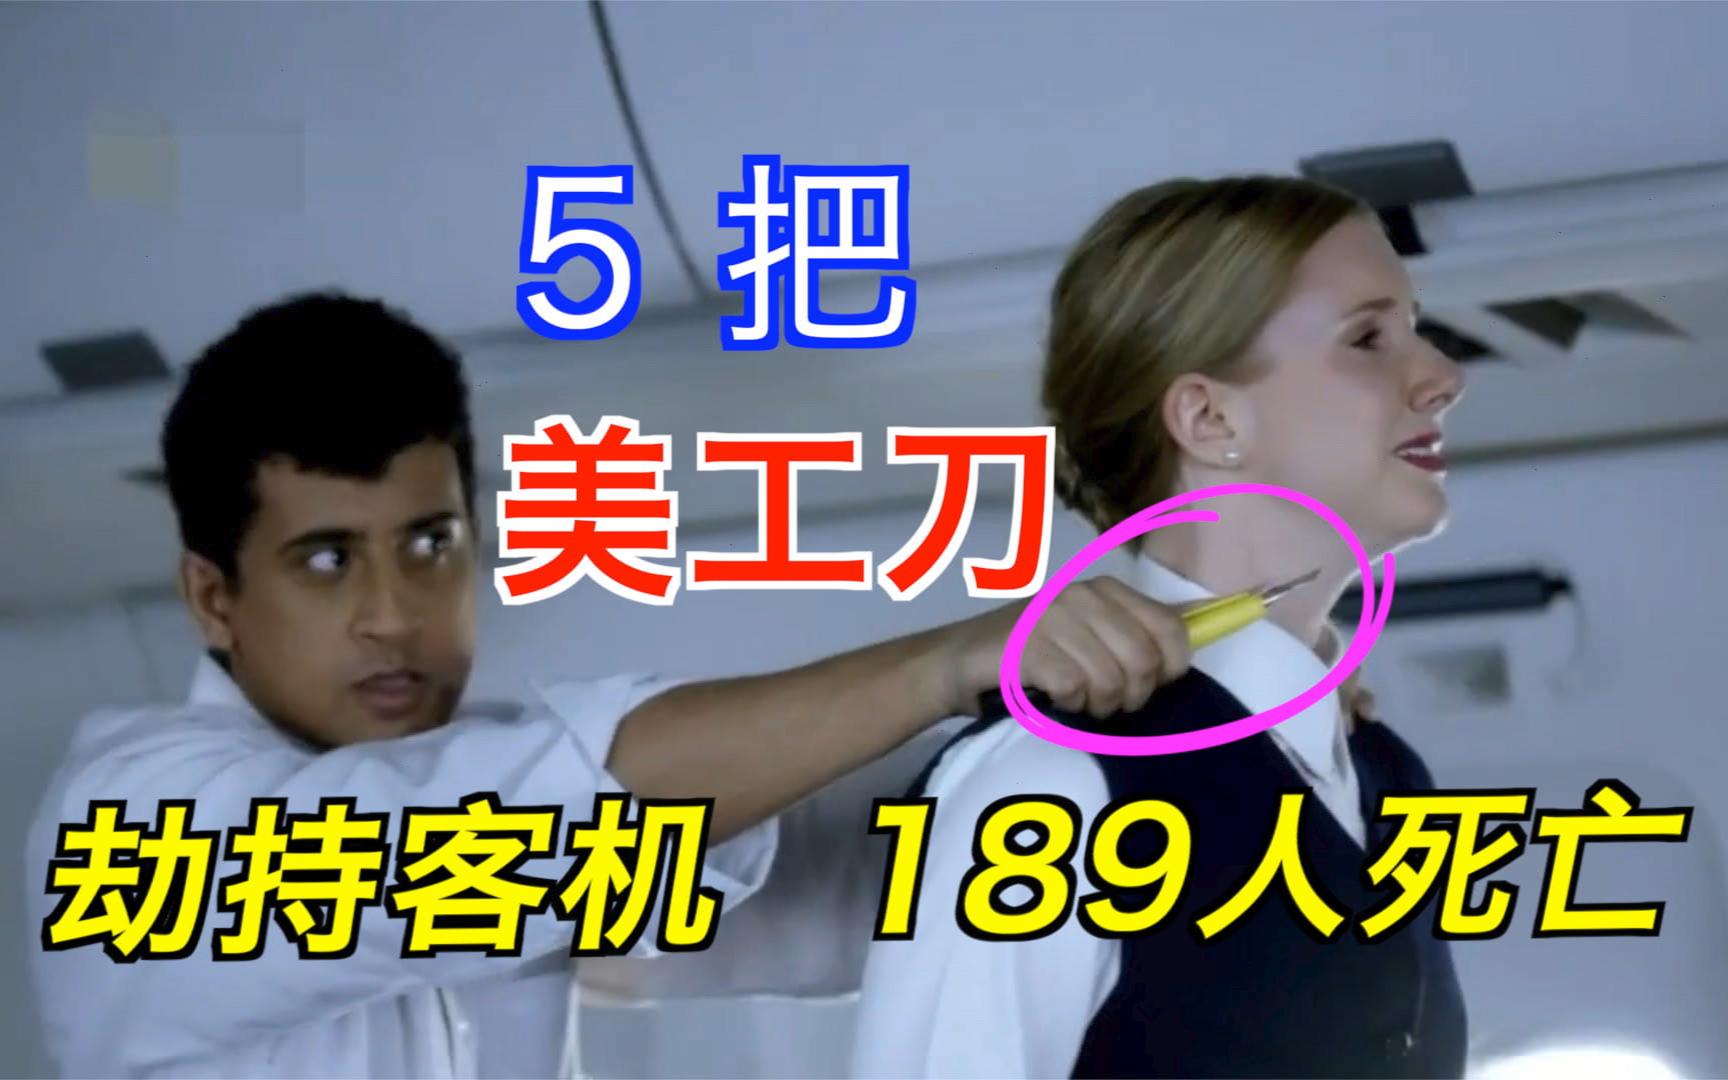 五把美工刀劫持客机,撞向五角大楼,为何美国毫无防备?911揭秘纪录片